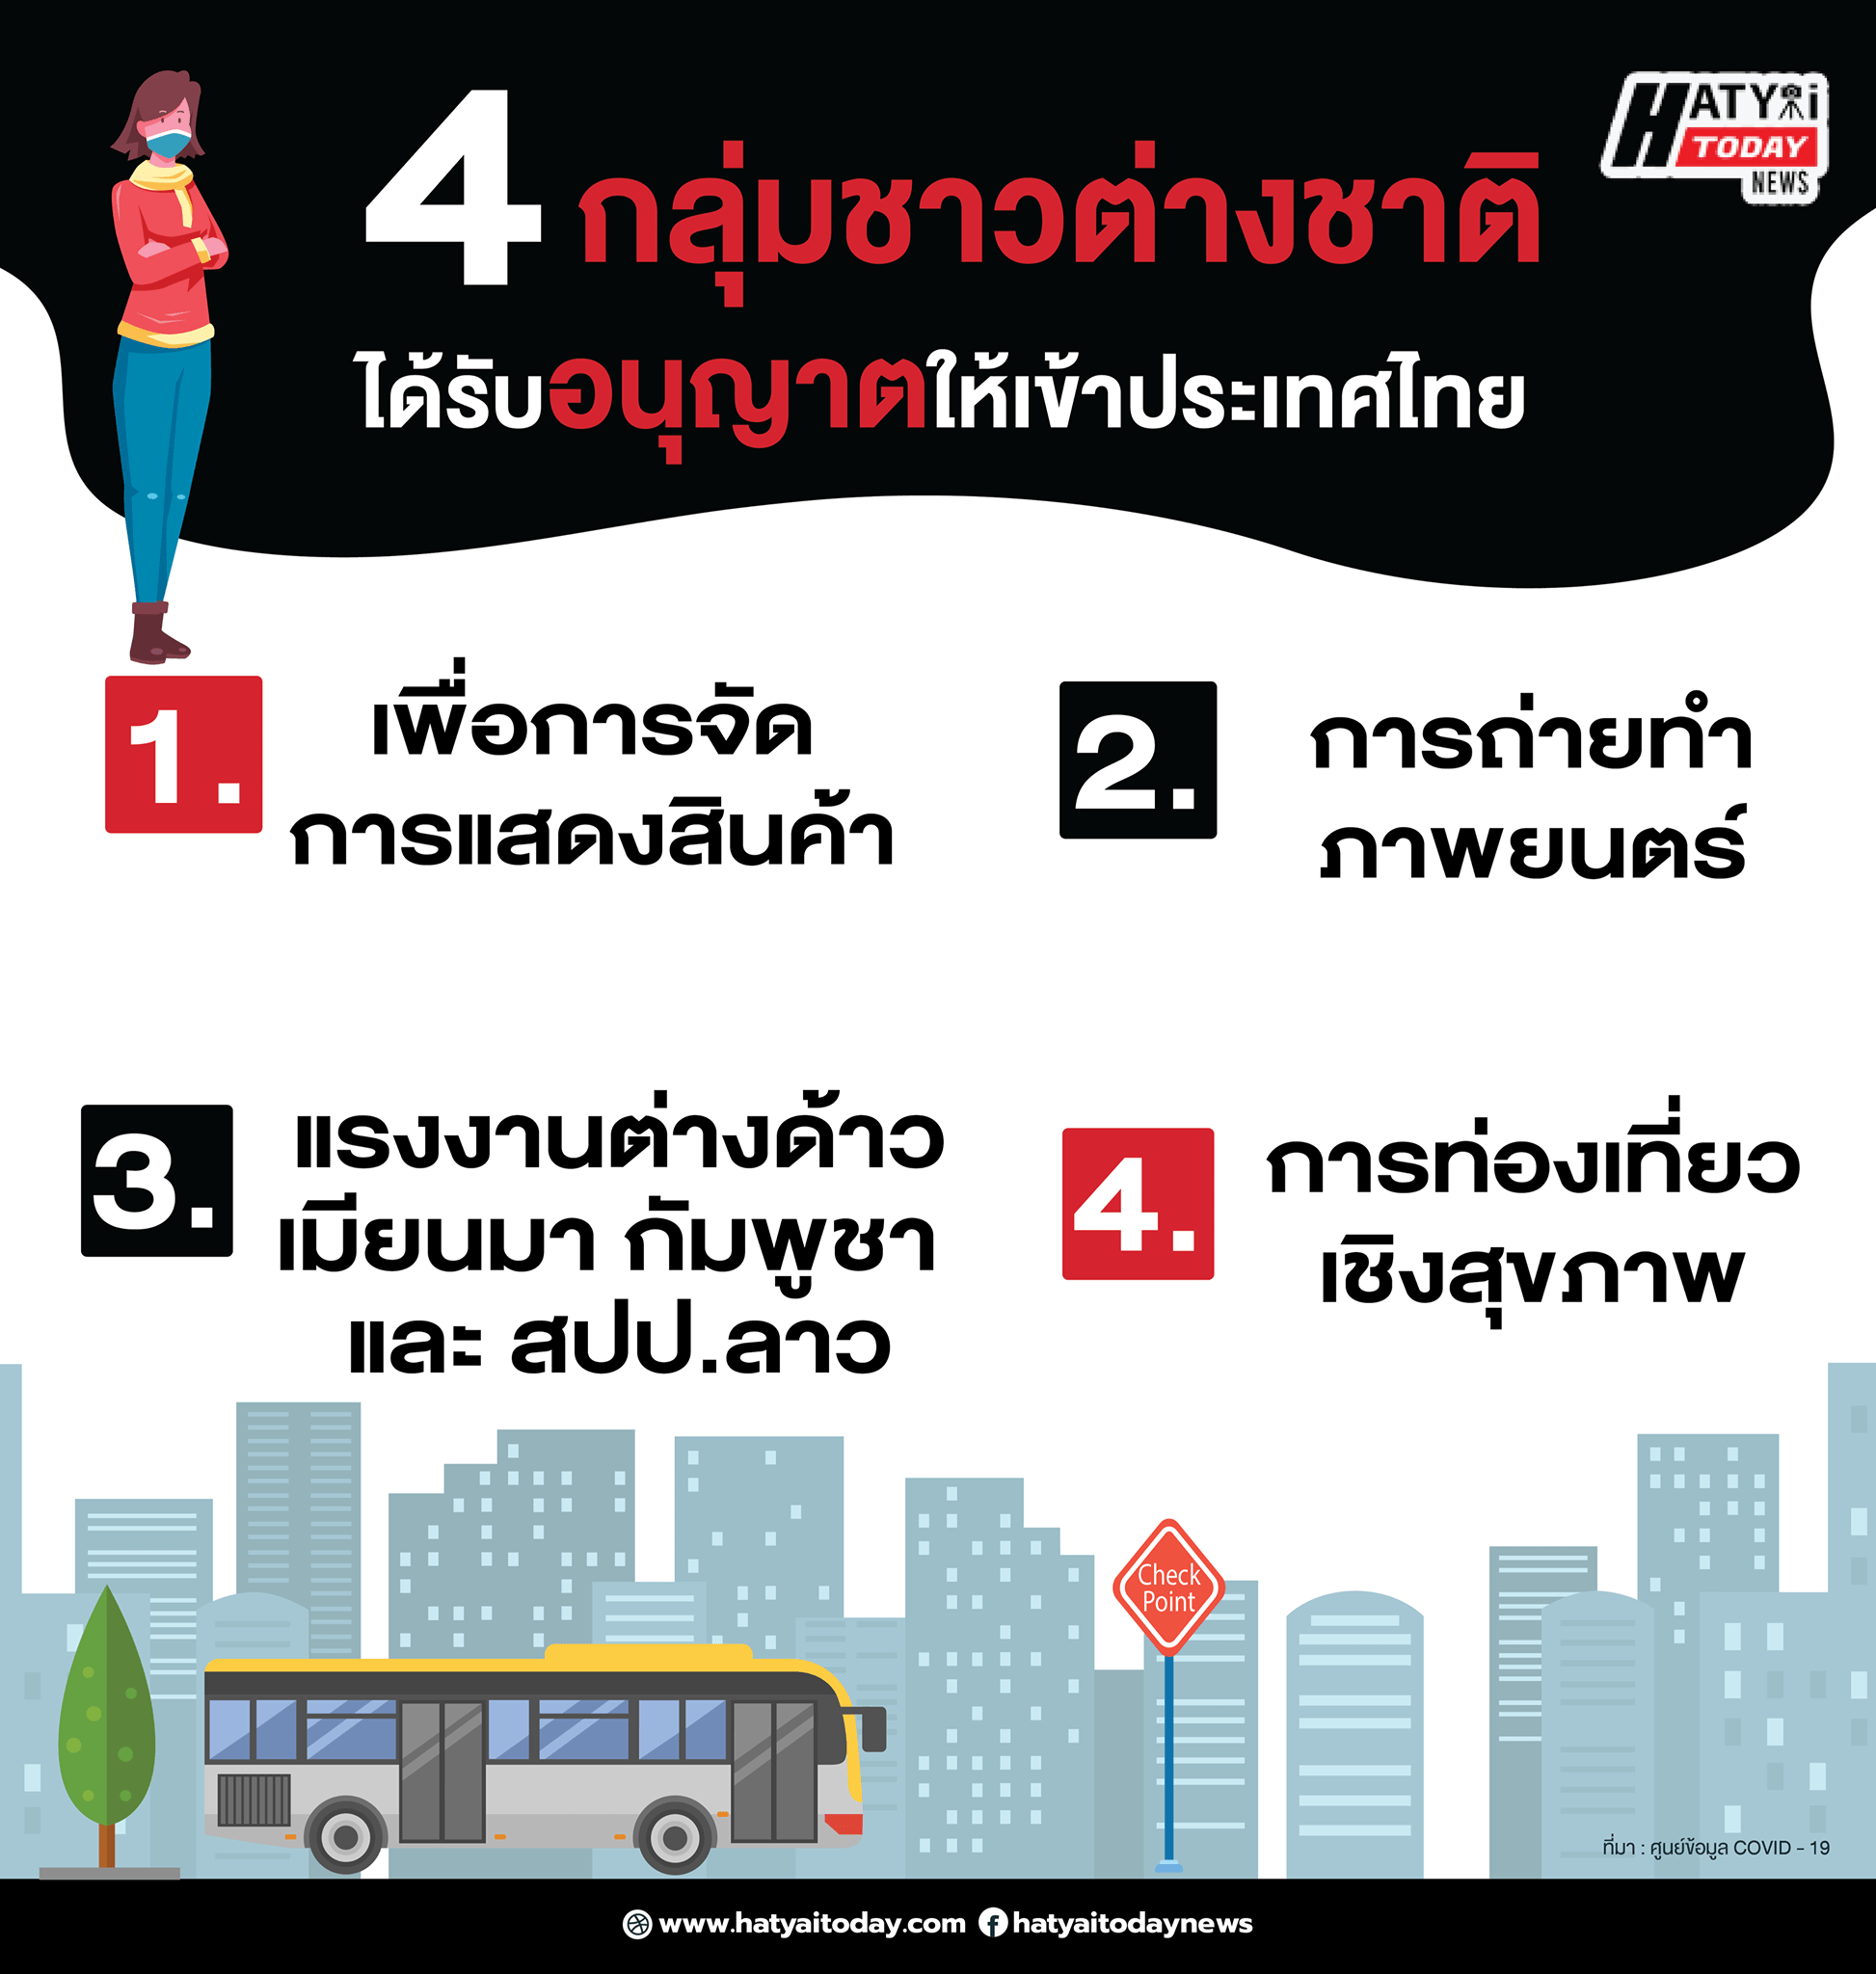 เพิ่มเติม : 4 กลุ่มชาวต่างชาติ ได้รับอนุญาตให้เข้าประเทศไทยได้ แต่ทุกกลุ่มจะต้องมีการกักตัว  14 วัน